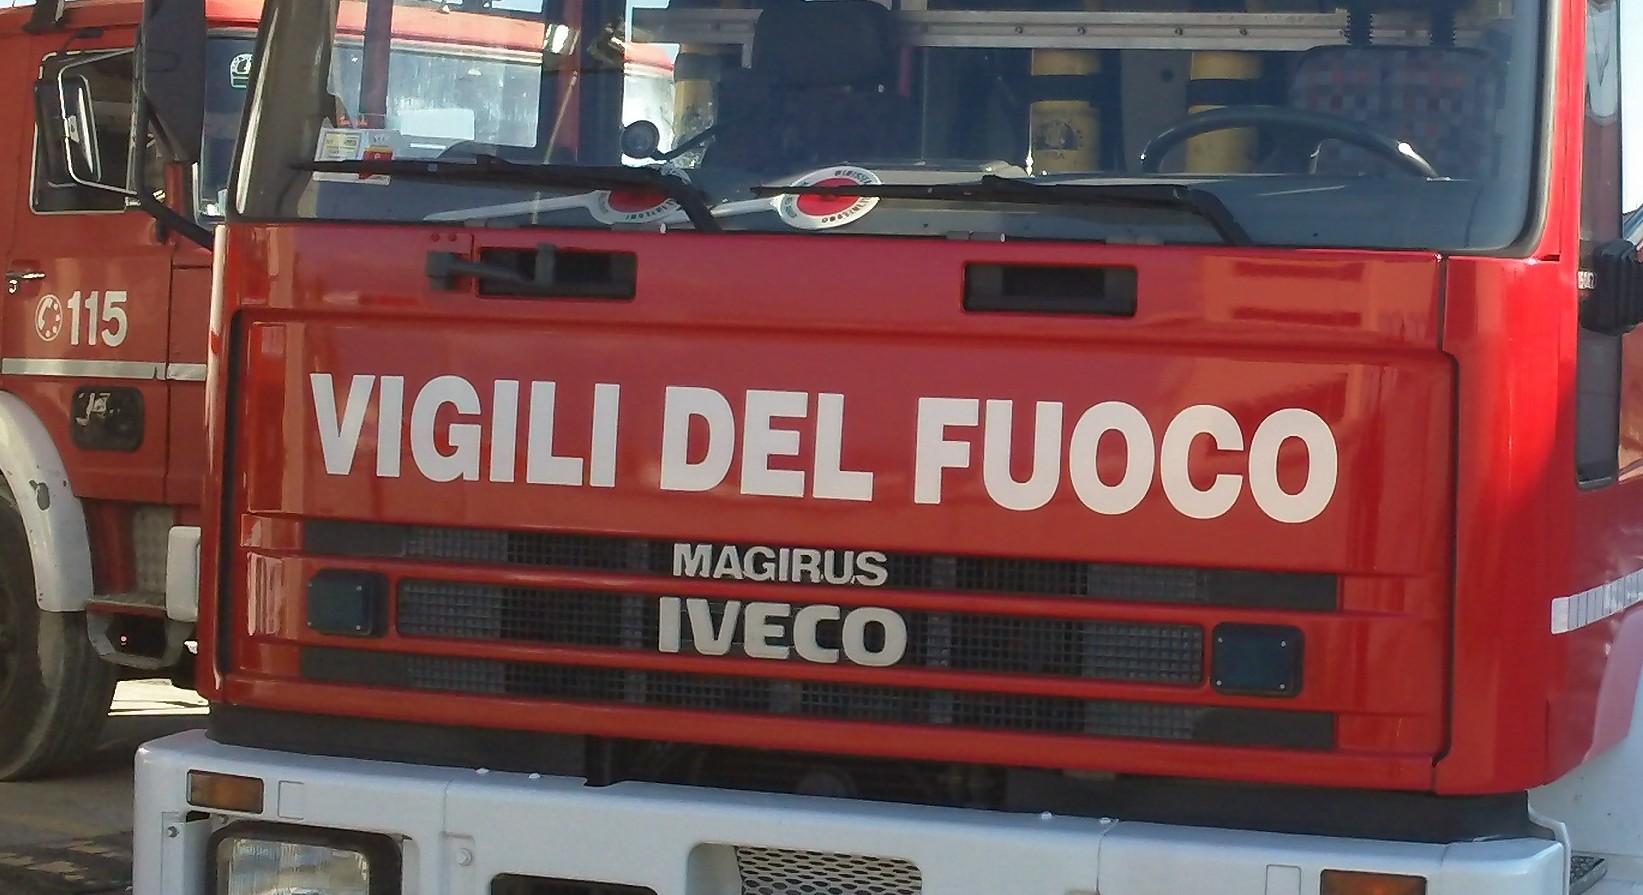 Vigilidelfuoco_21Secolo_MarcoTancredi